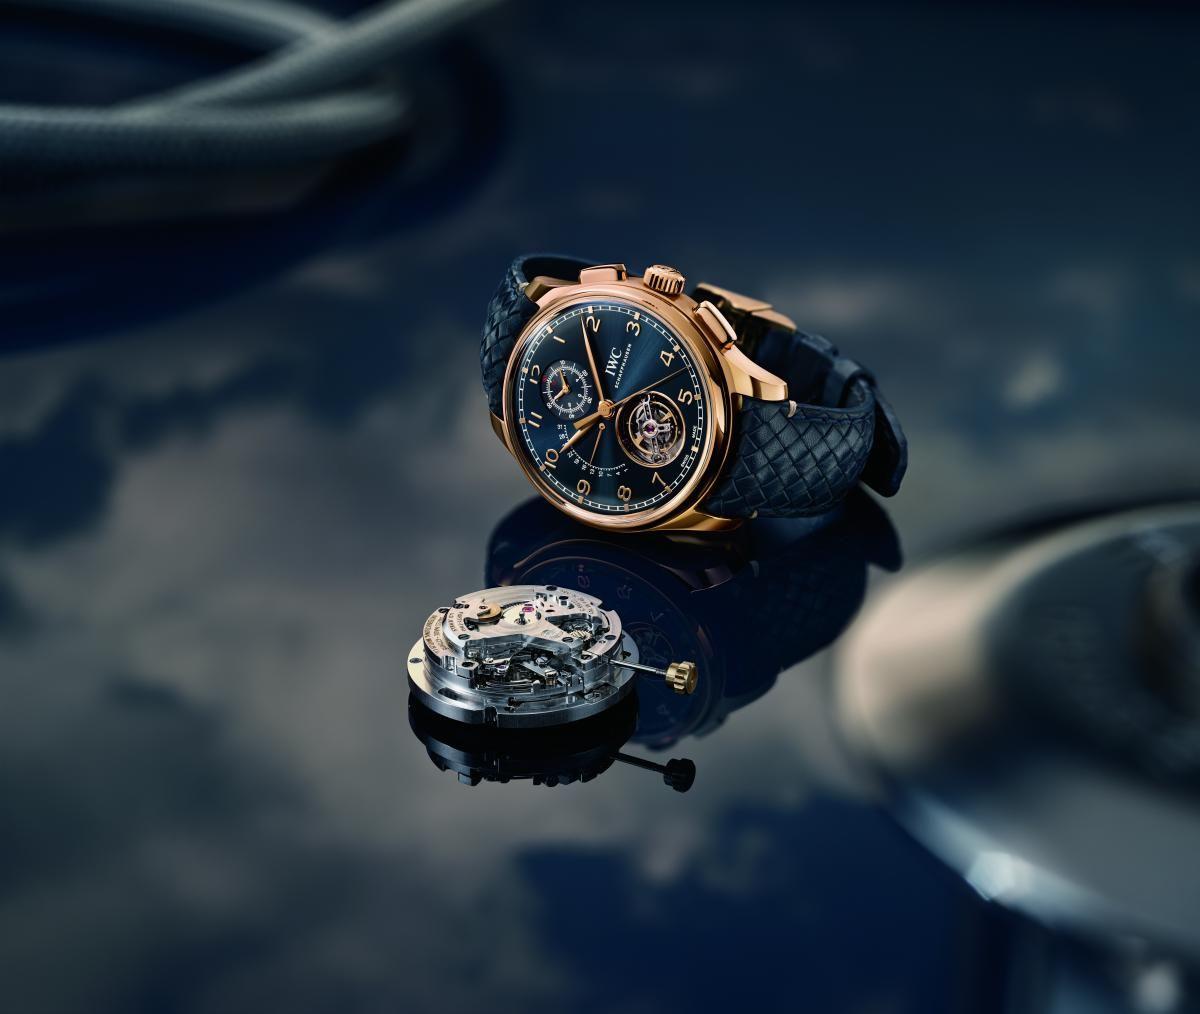 New 2020 IWC Portugieser Tourbillon Rétrograde Chronograph Collection Watches